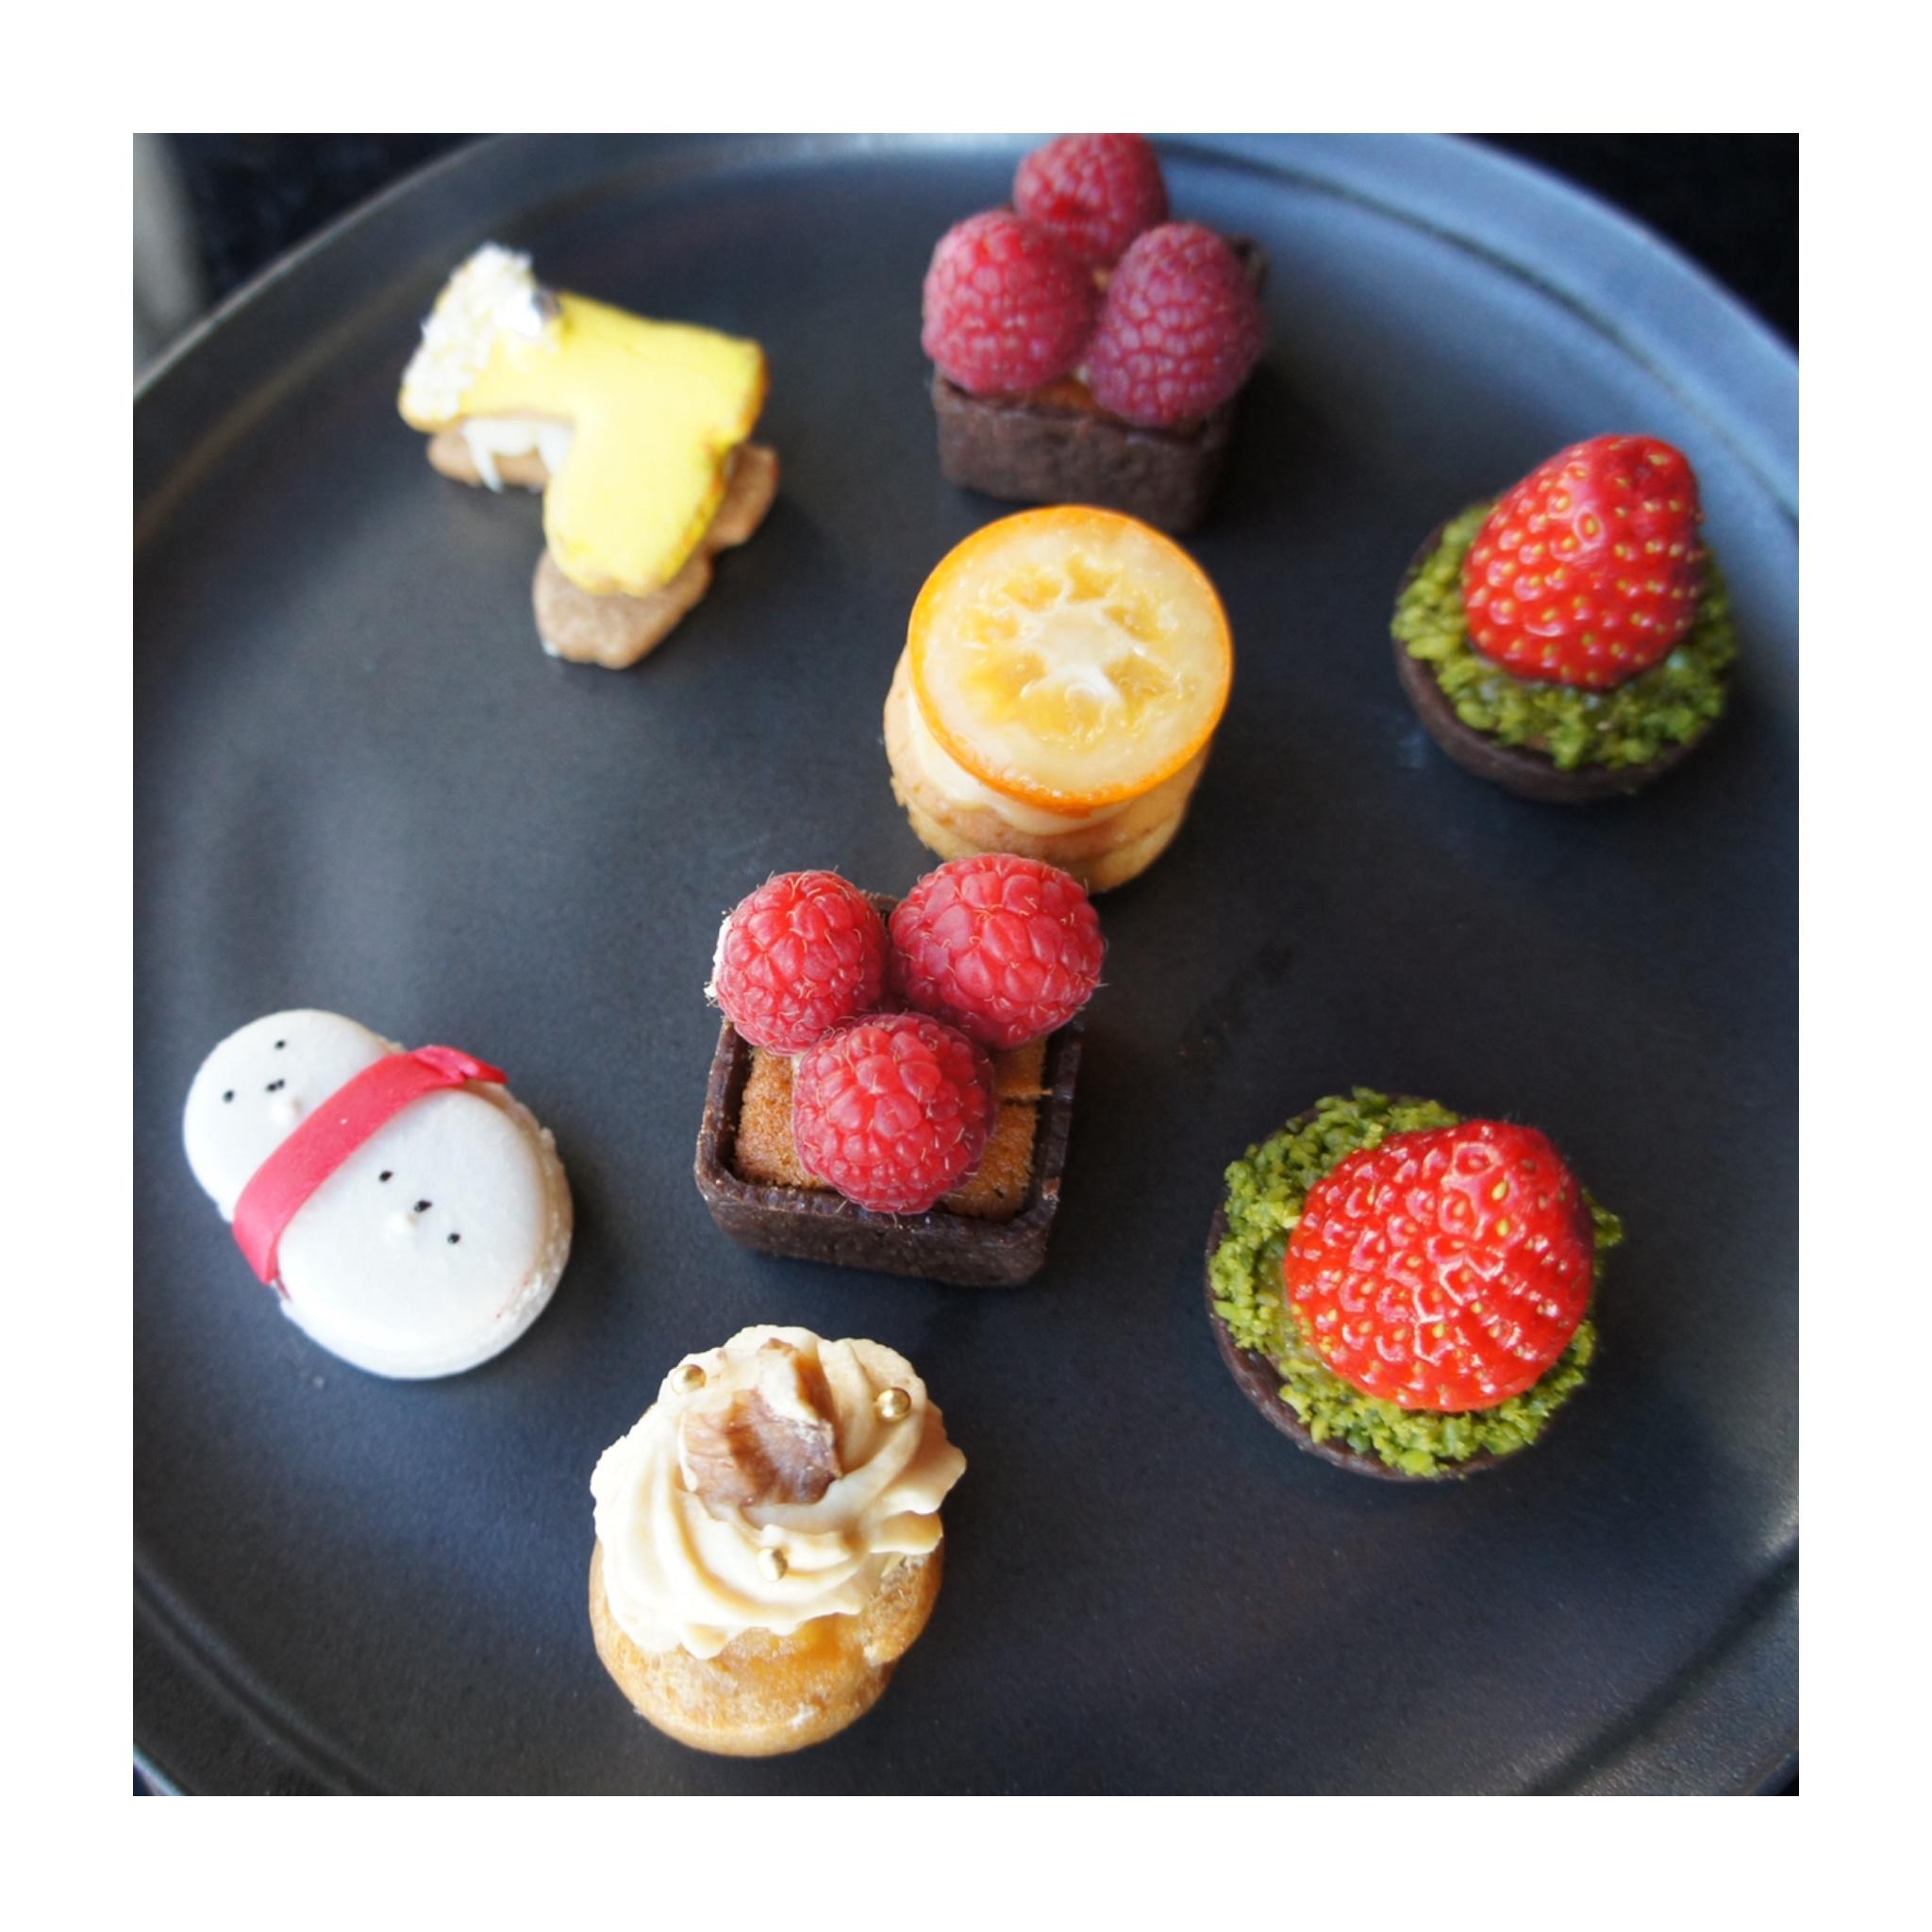 《ご当地MORE★東京》すべてが至福のひととき❤️【アマン東京】Christmas Afternoon Teaに行ってきました☻_5